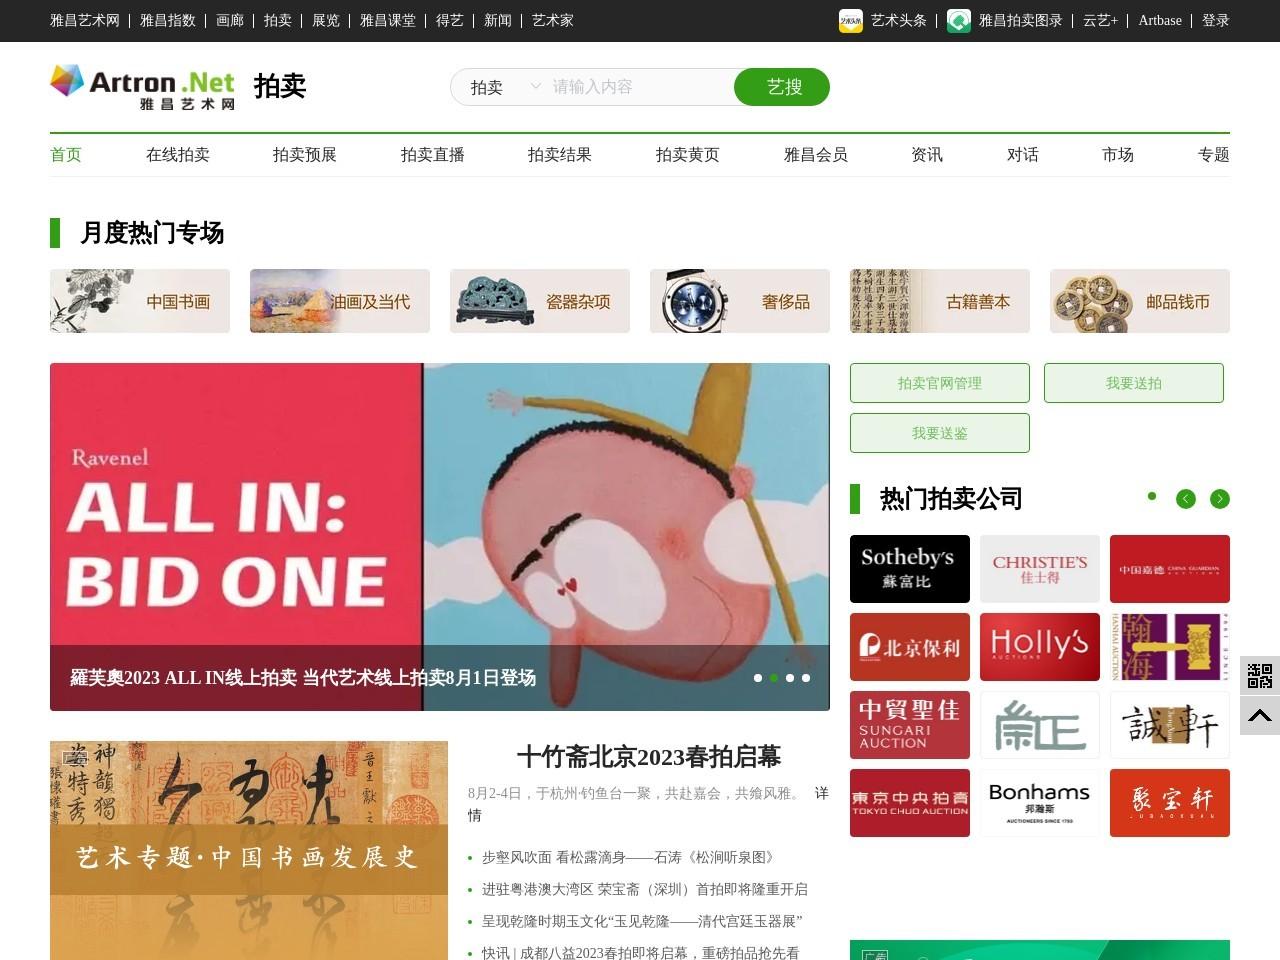 雅昌艺术品拍卖网截图